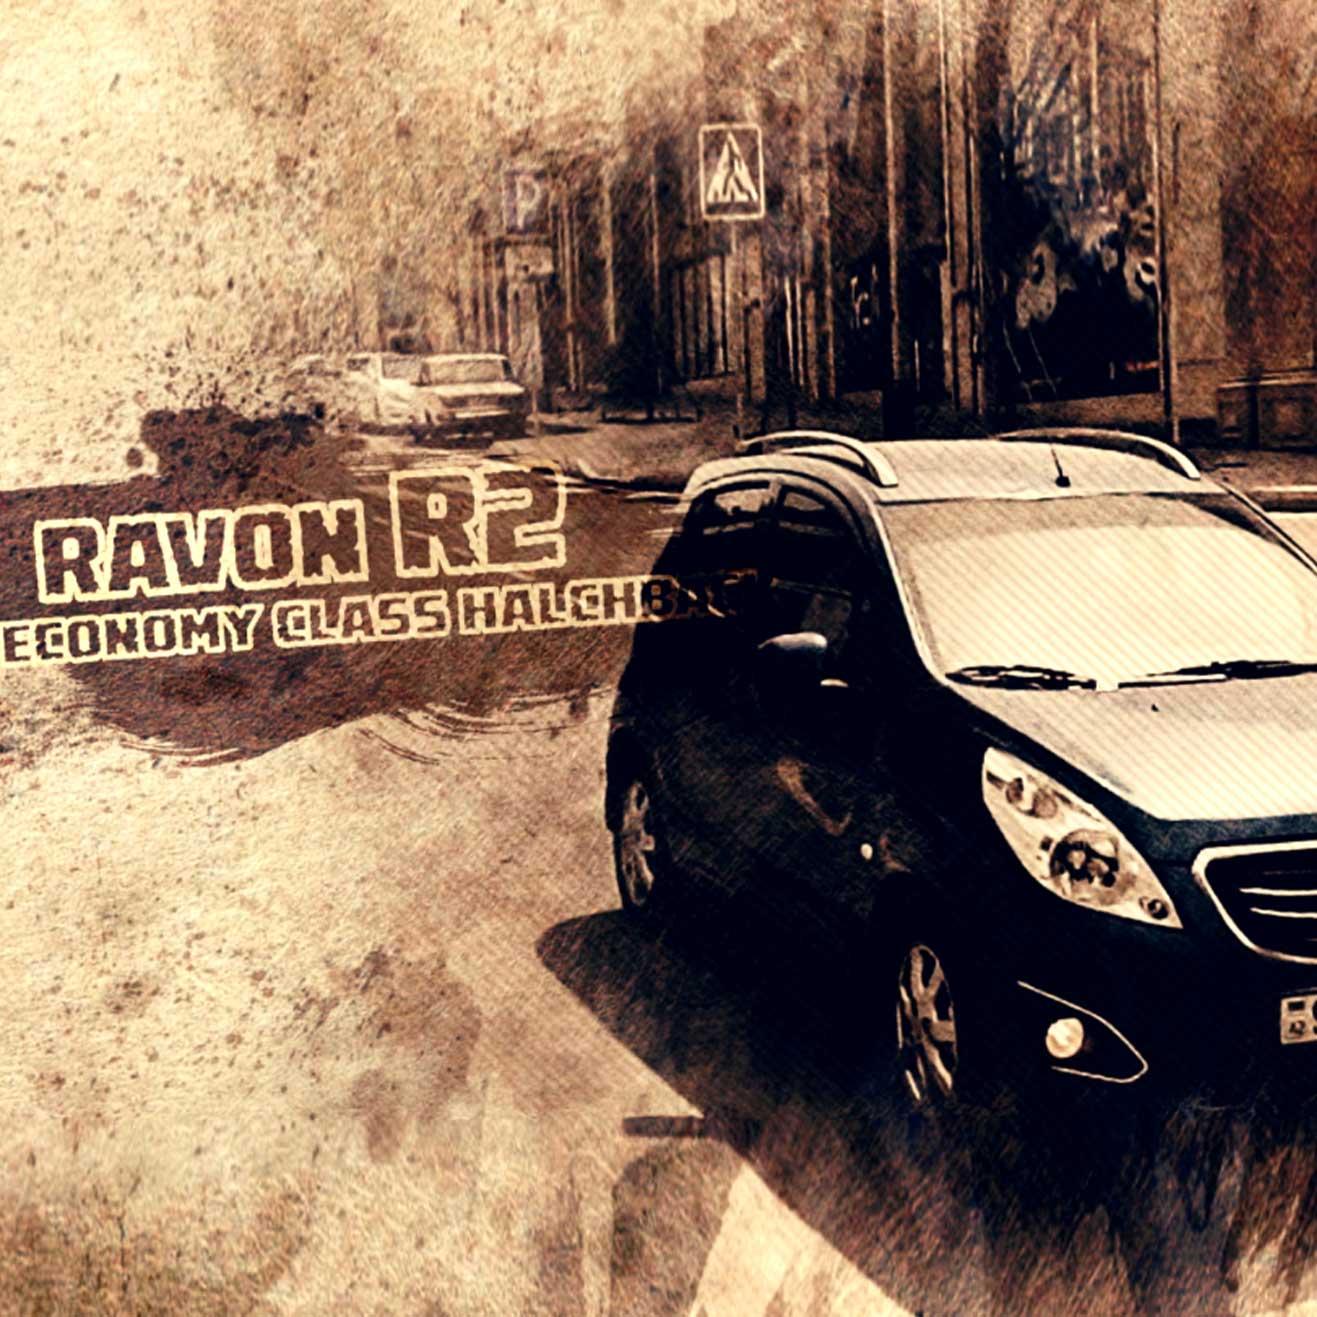 Создание видеоролика для рекламы Ravon R2 / Ravon R2 Aksiya üçün Reklam Video çarx